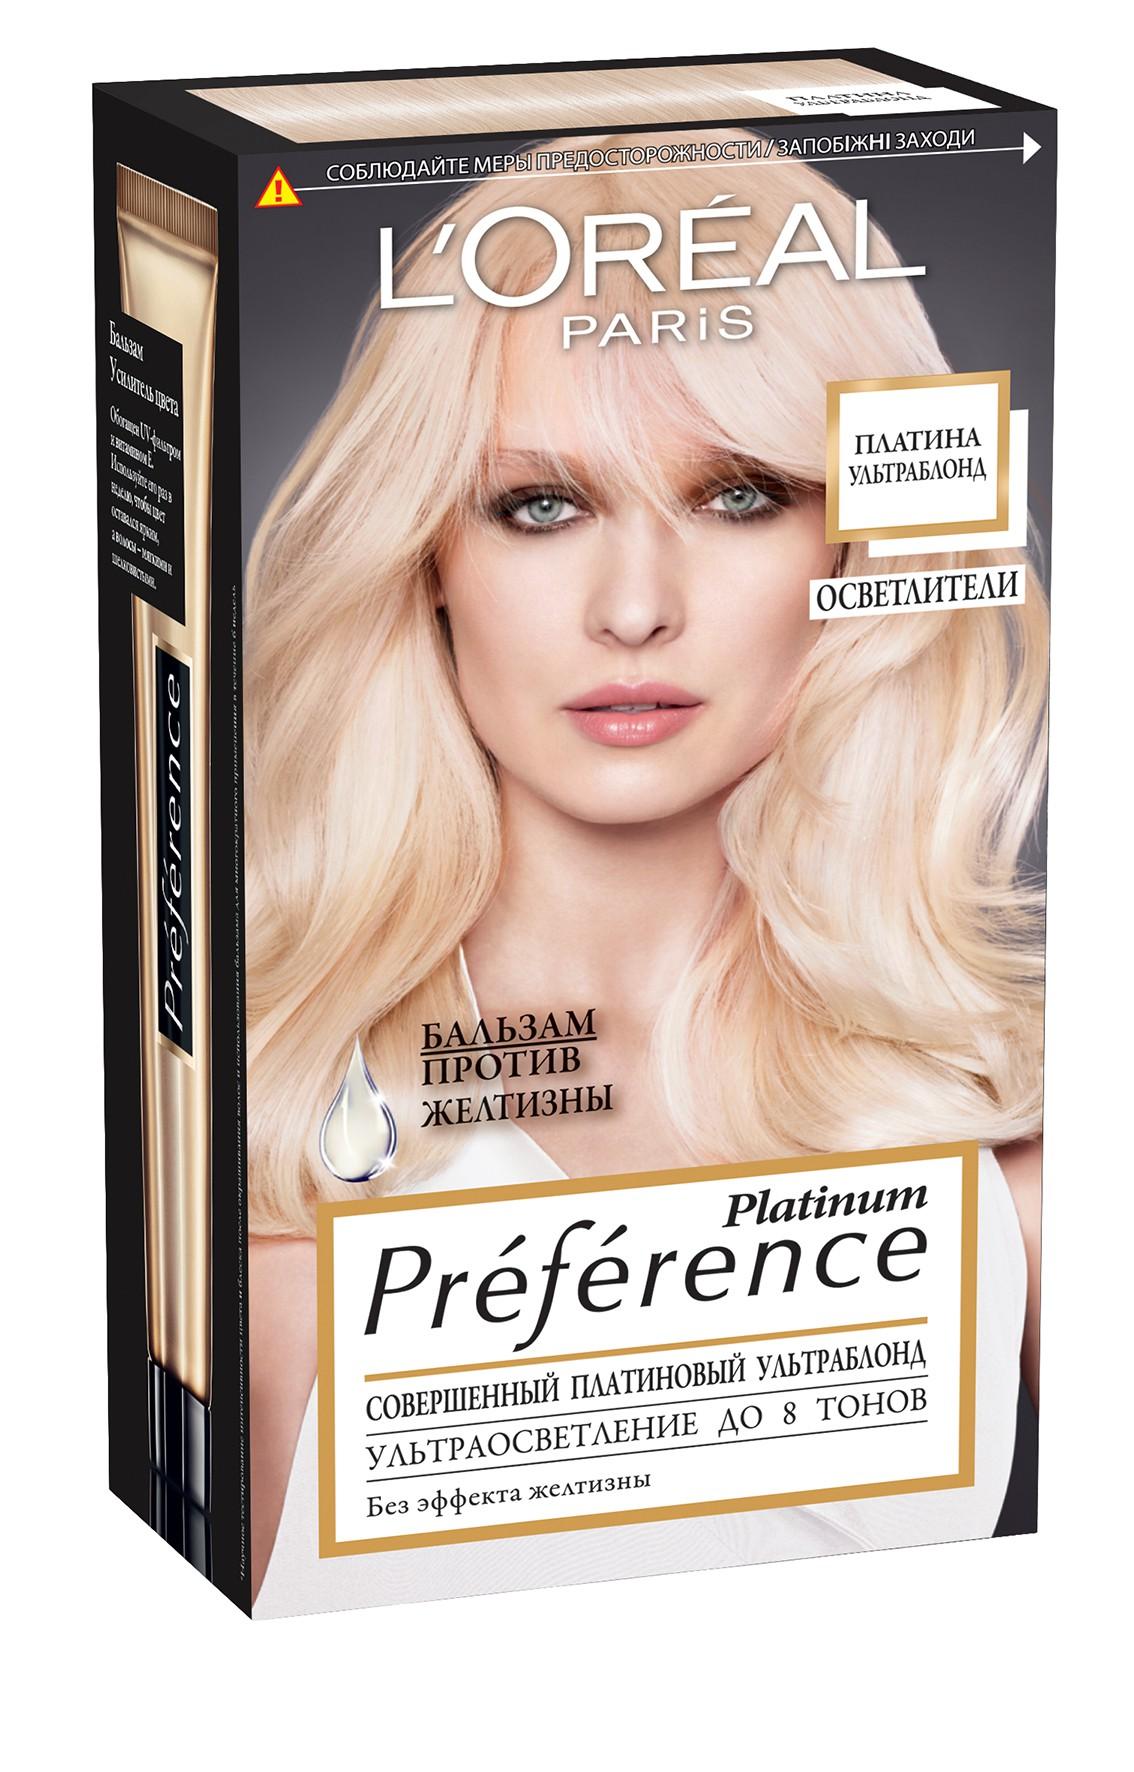 LOreal Paris Стойкая краска для волос Preference, Платина Ультраблонд, 8 тонов осветленияMP59.4DПоследнее поколение средств для достижения совершенного ПЛАТИНОВОГО УЛЬТРАБЛОНДА - краска Preference Platinum от LOreal Paris. Инновационная формула осветляет волосы до 8-ми тонов. Превосходный результат окрашивания волос дома! Бальзам обогащен холодными красителями ПРОТИВ ЖЕЛТИЗНЫ. Комплекс ЭКСТРА-БЛЕСК обеспечивает роскошное сияние надолго!В состав упаковки входит: тюбик с осветляющим кремом (25 мл), флакон с проявляющим кремом (75 мл), упаковка осветляющего порошка (22 г), бальзам против желтизны (54 мл), инструкция по применению, пара перчаток.